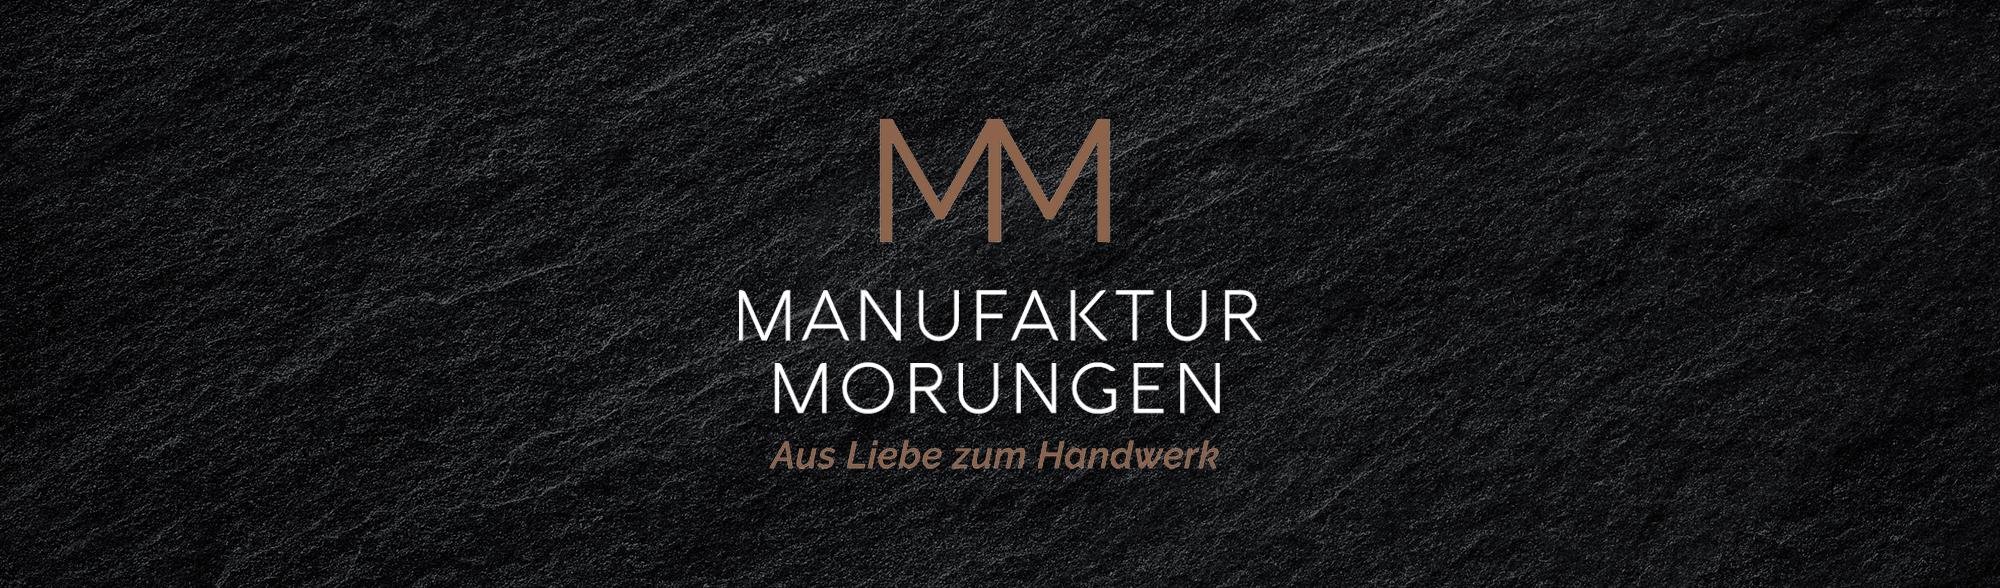 Header_Morungen